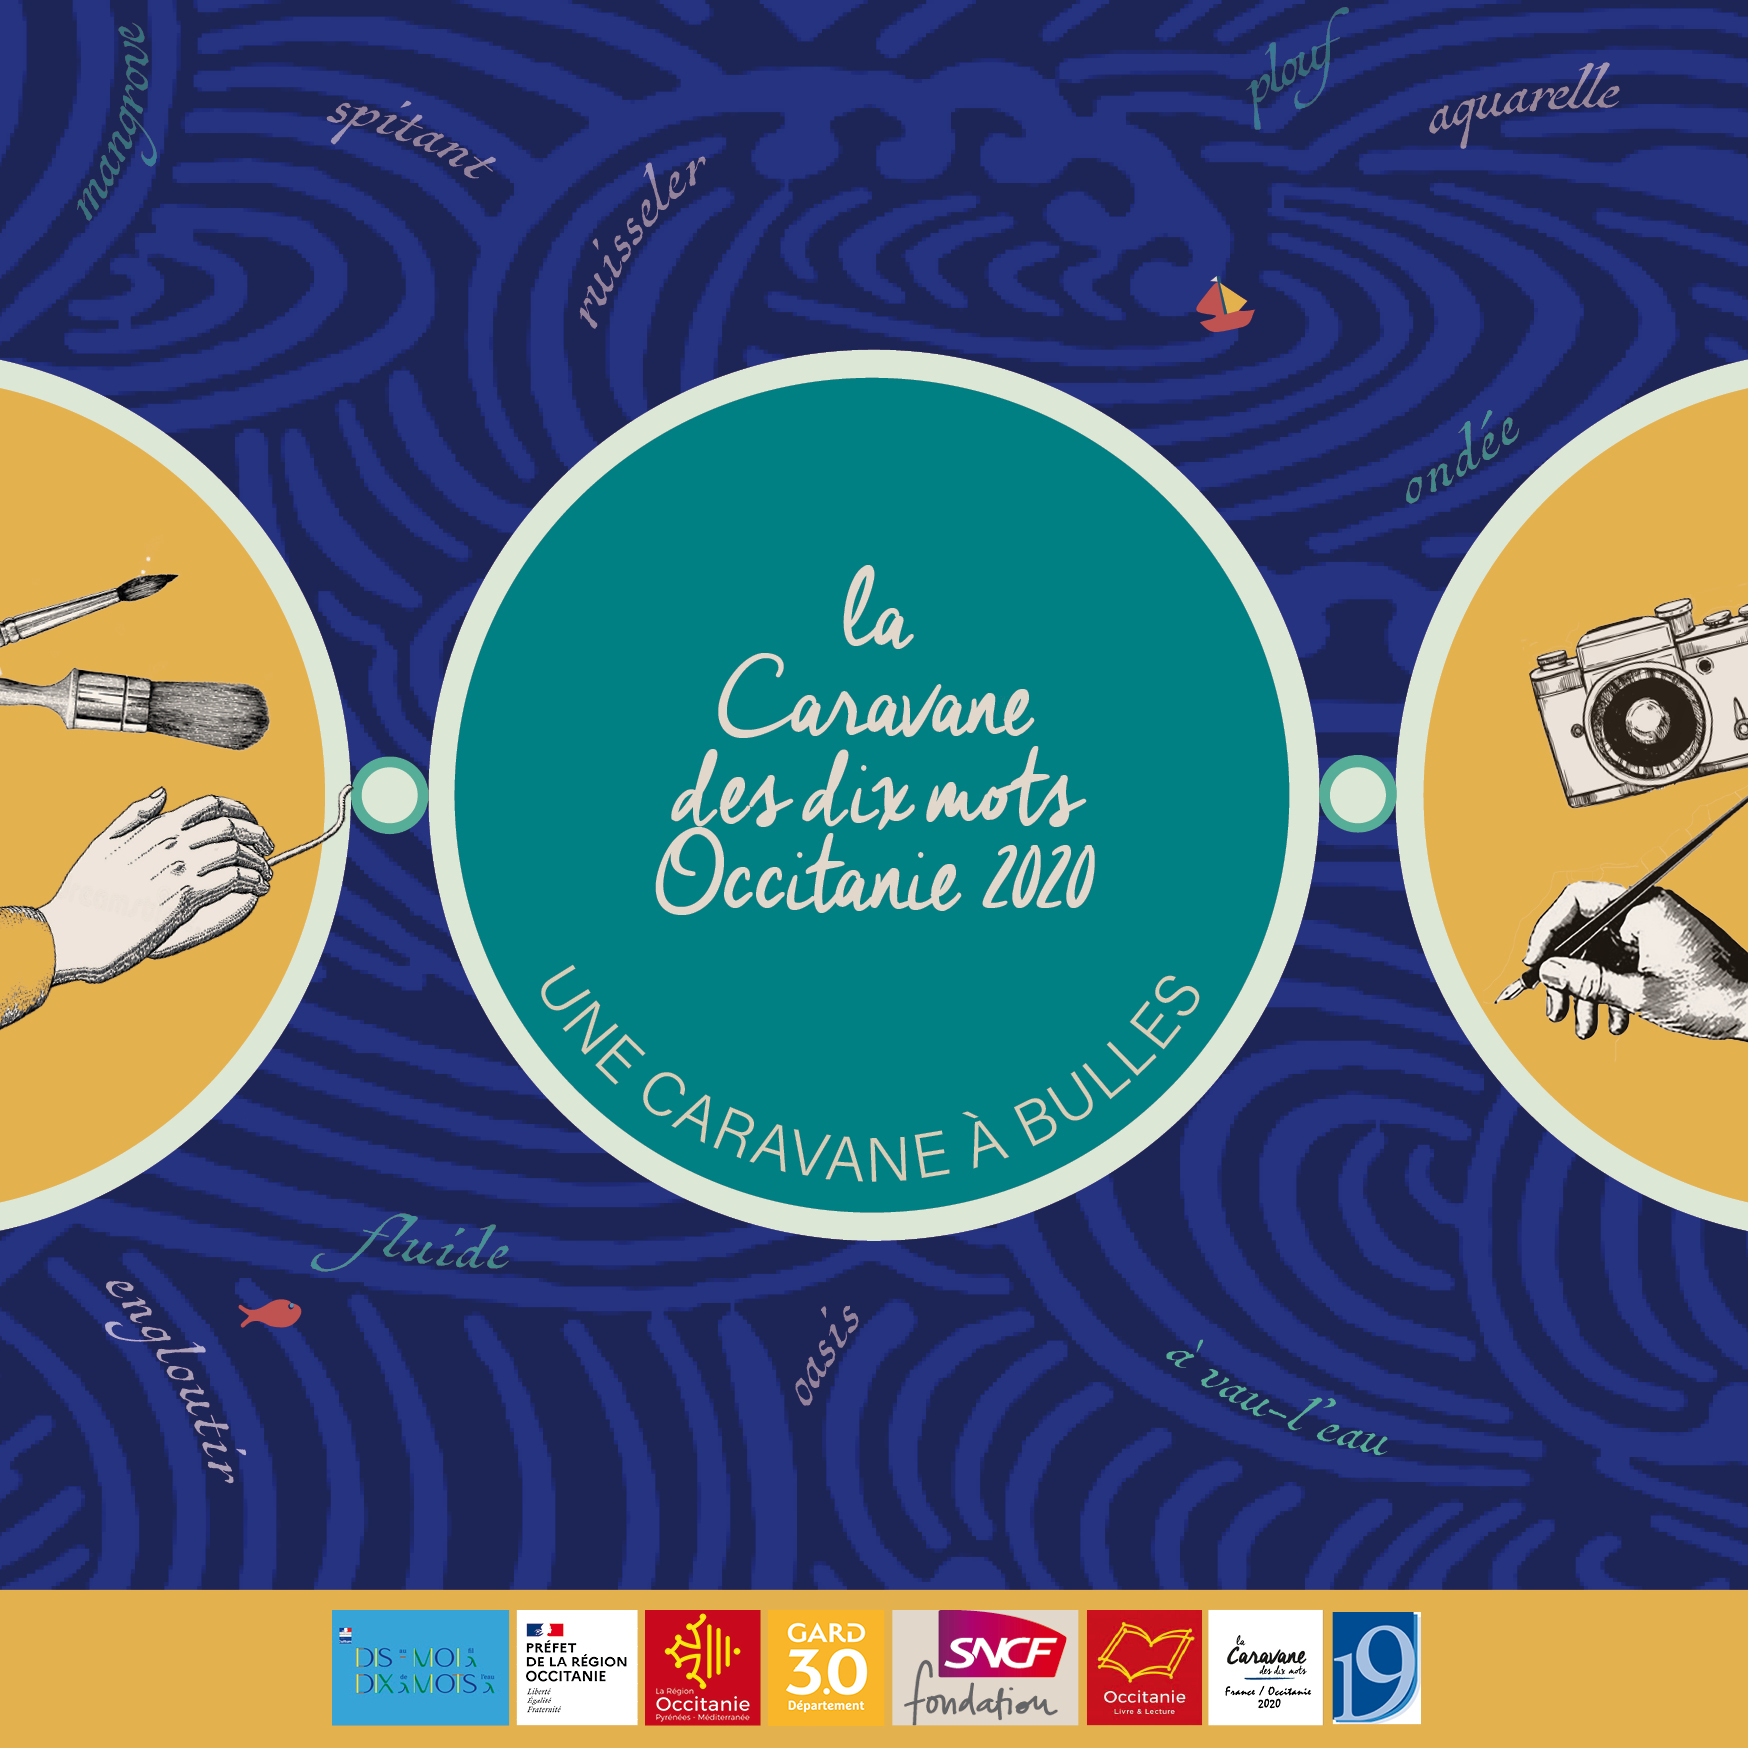 La Caravane des dix mots Occitanie 2020